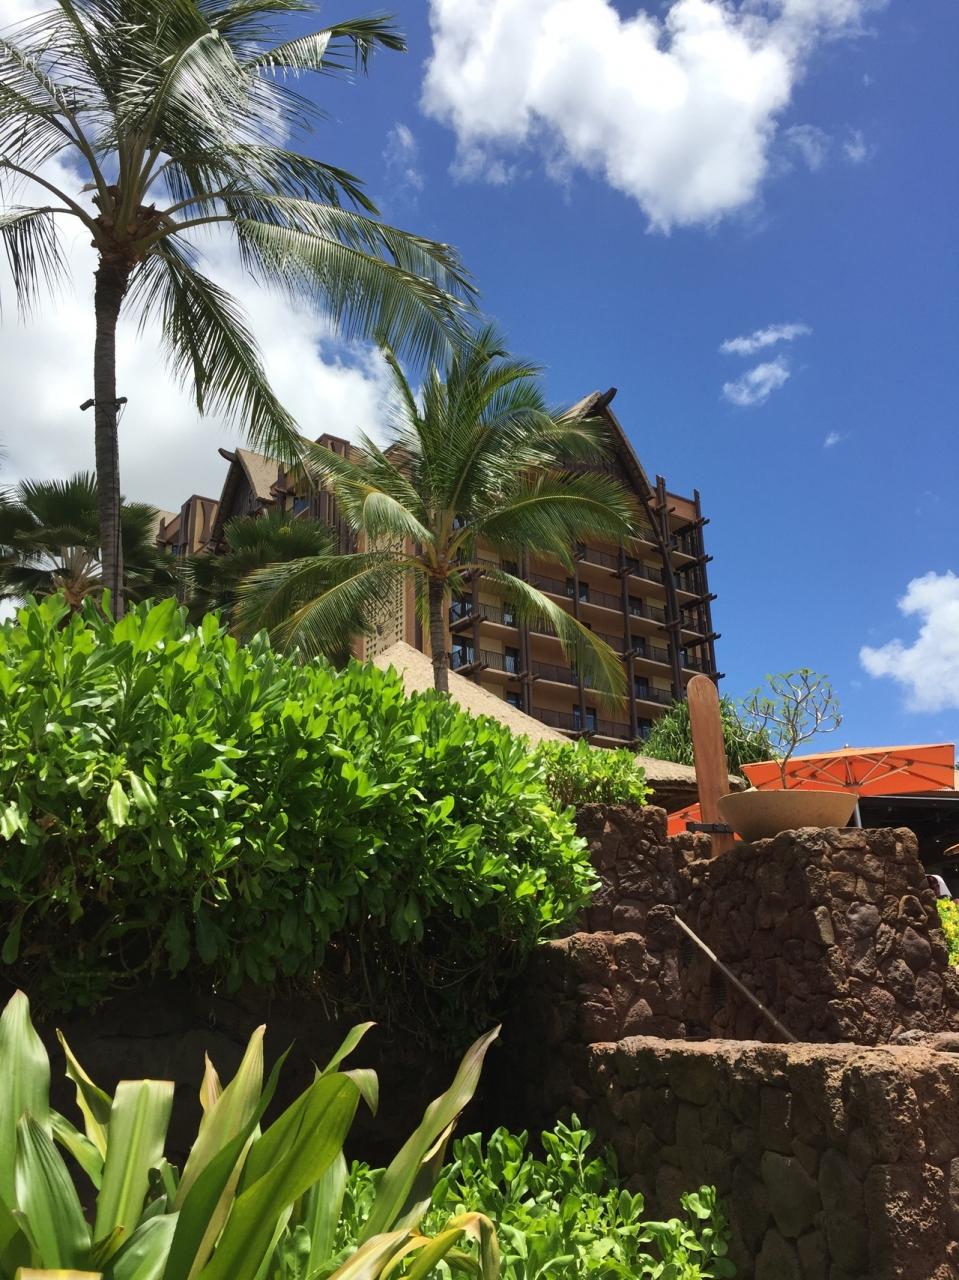 2016年夏☆10年ぶり?のハワイ』オアフ島(ハワイ)の旅行記・ブログ by